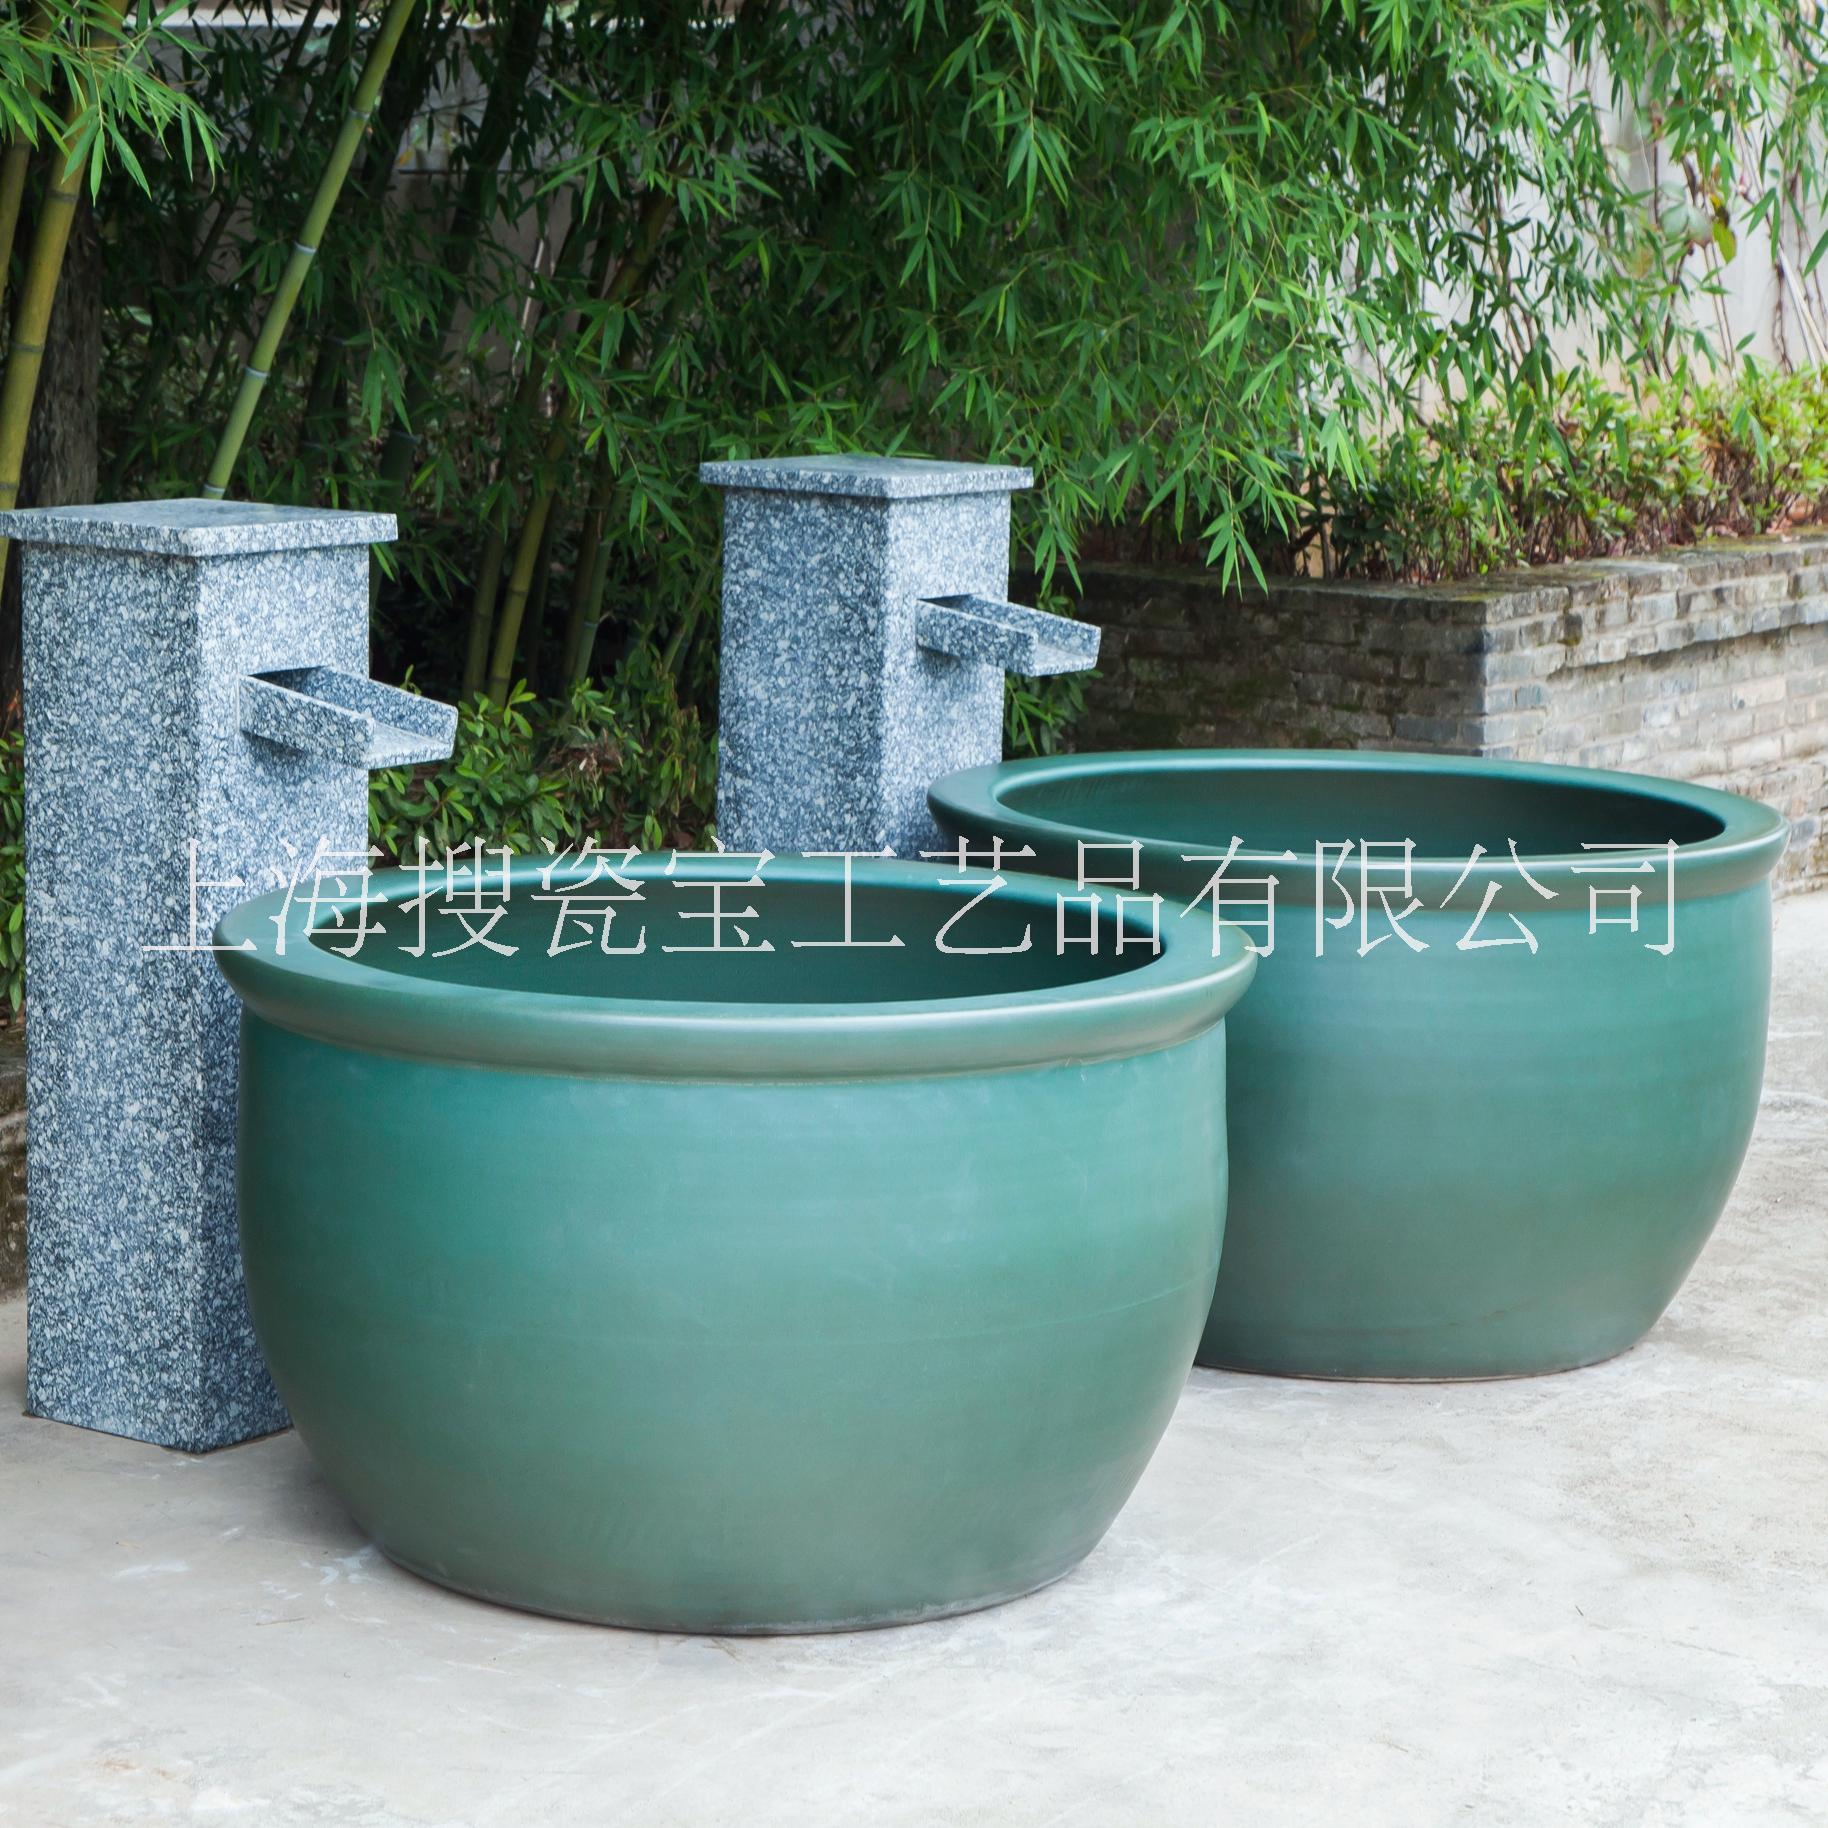 极乐汤浴缸 陶瓷温泉缸 陶瓷澡缸